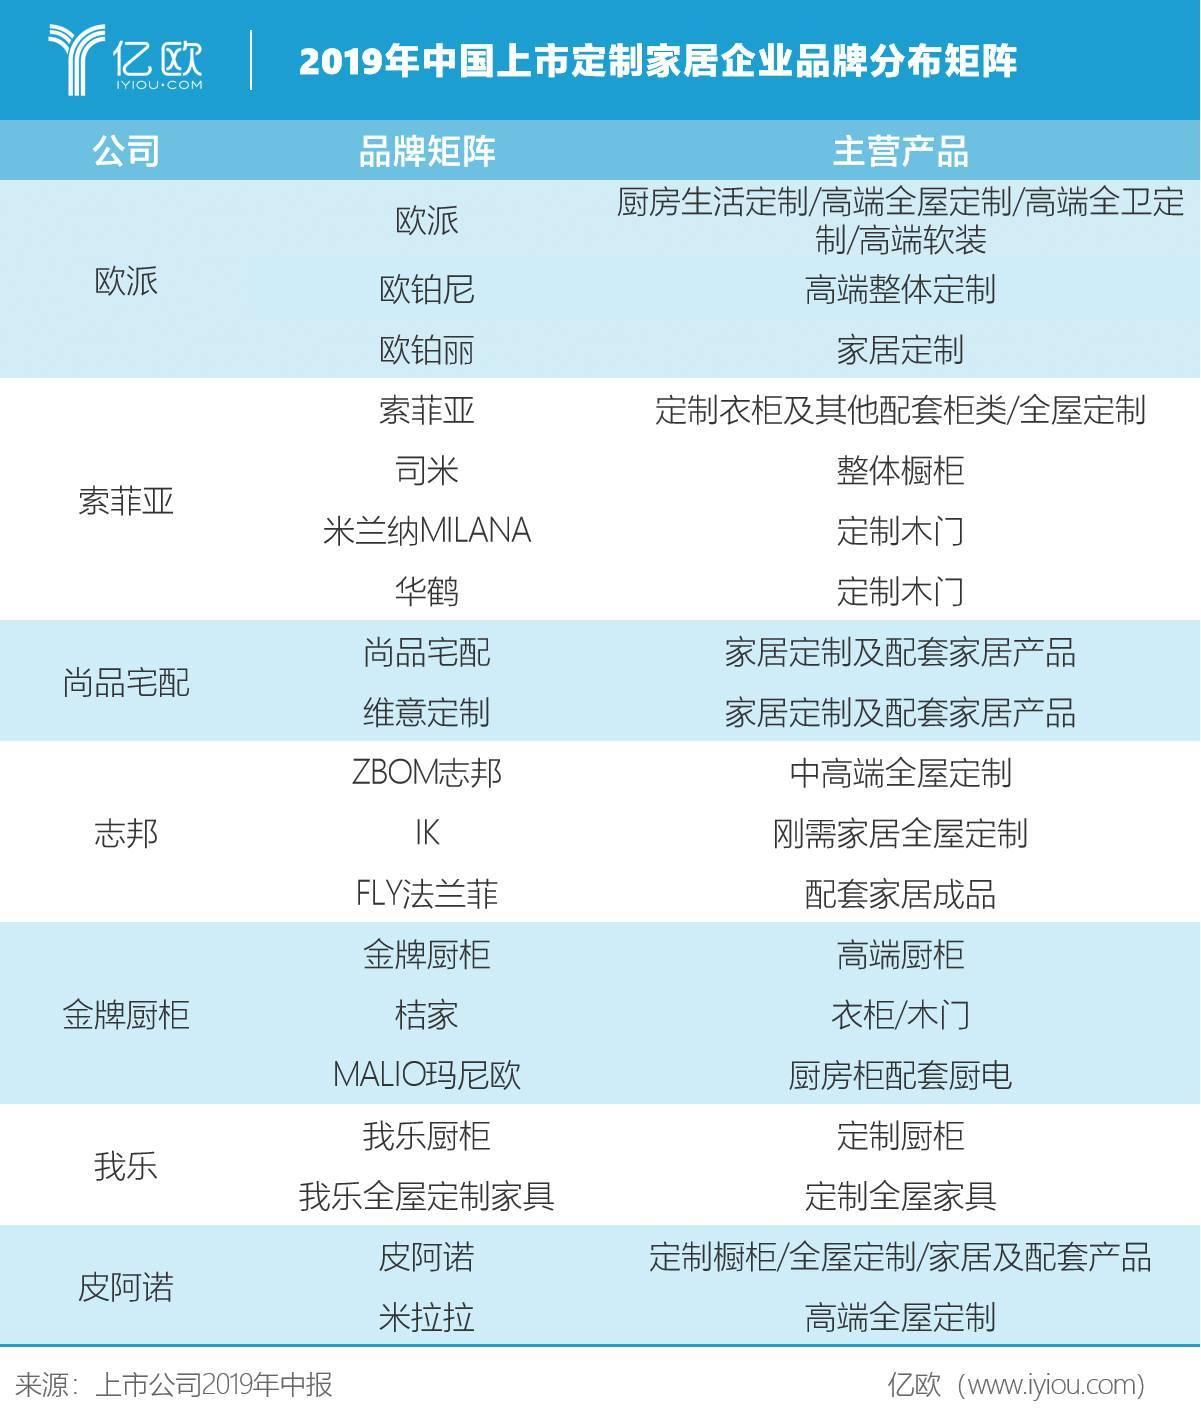 2019年中国上市定制家居企业品牌分布矩阵